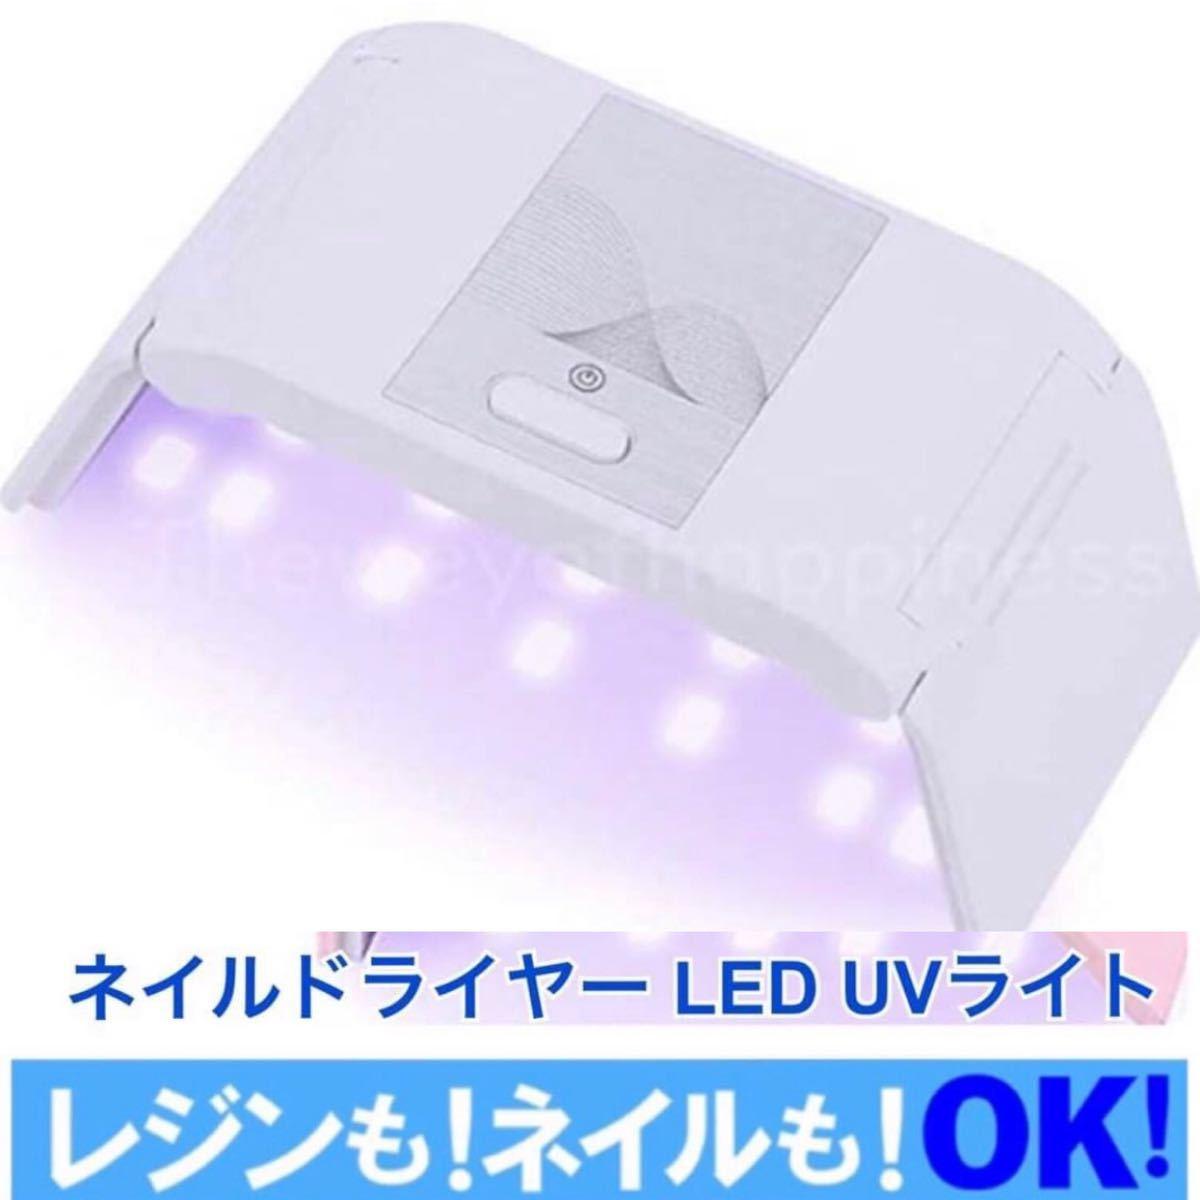 LED UVライト ホワイト ネイルドライヤー ジェルネイル レジン  36W